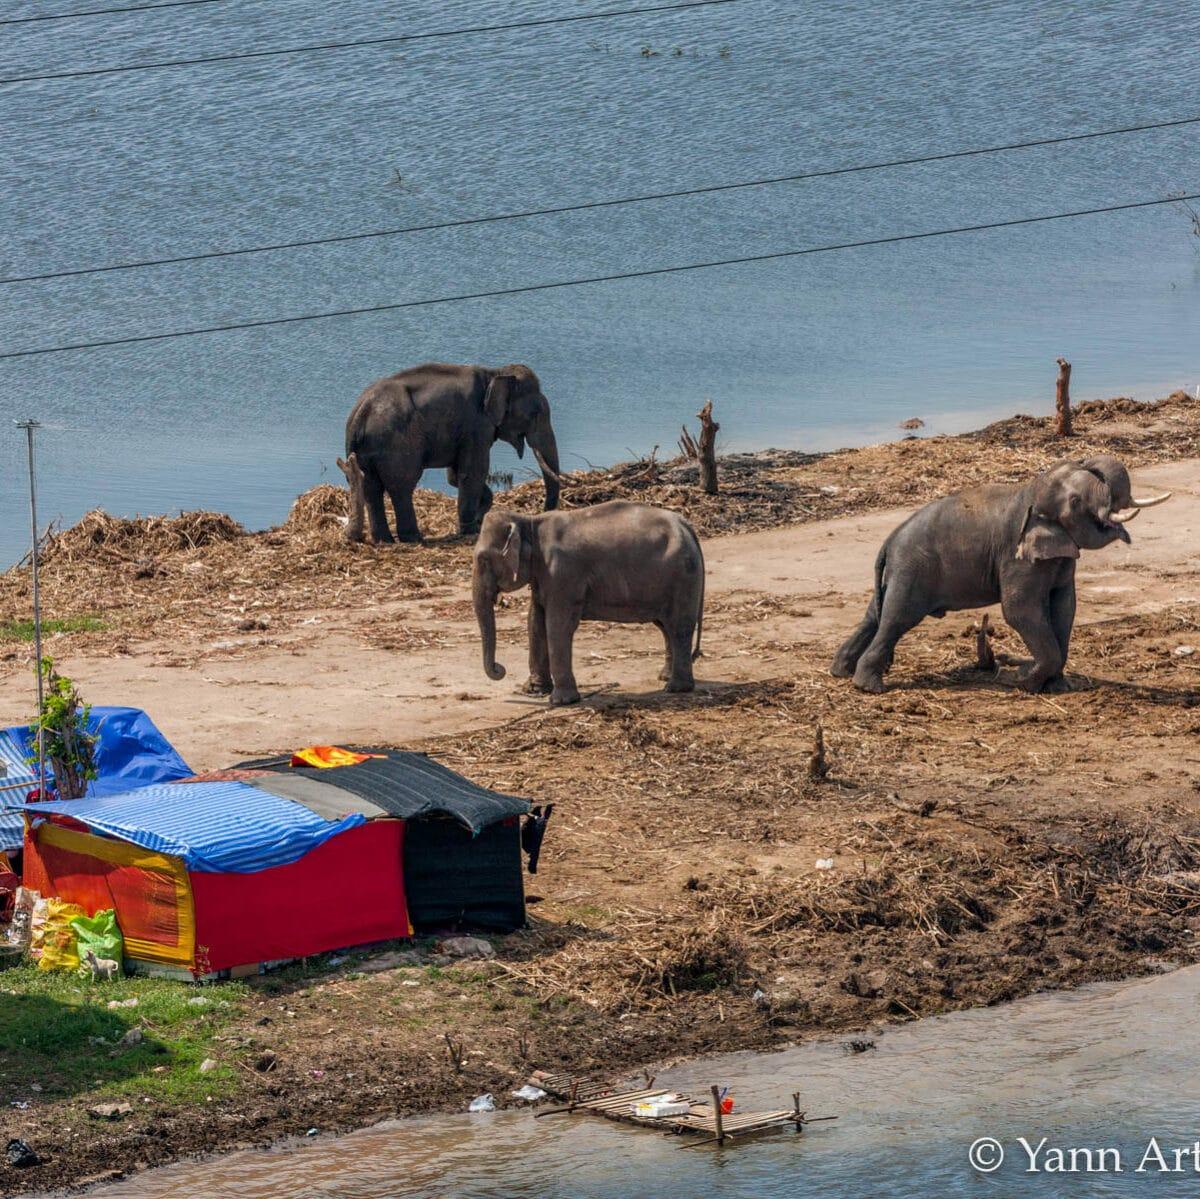 éléphants animaux humains conflits réchauffement climatique